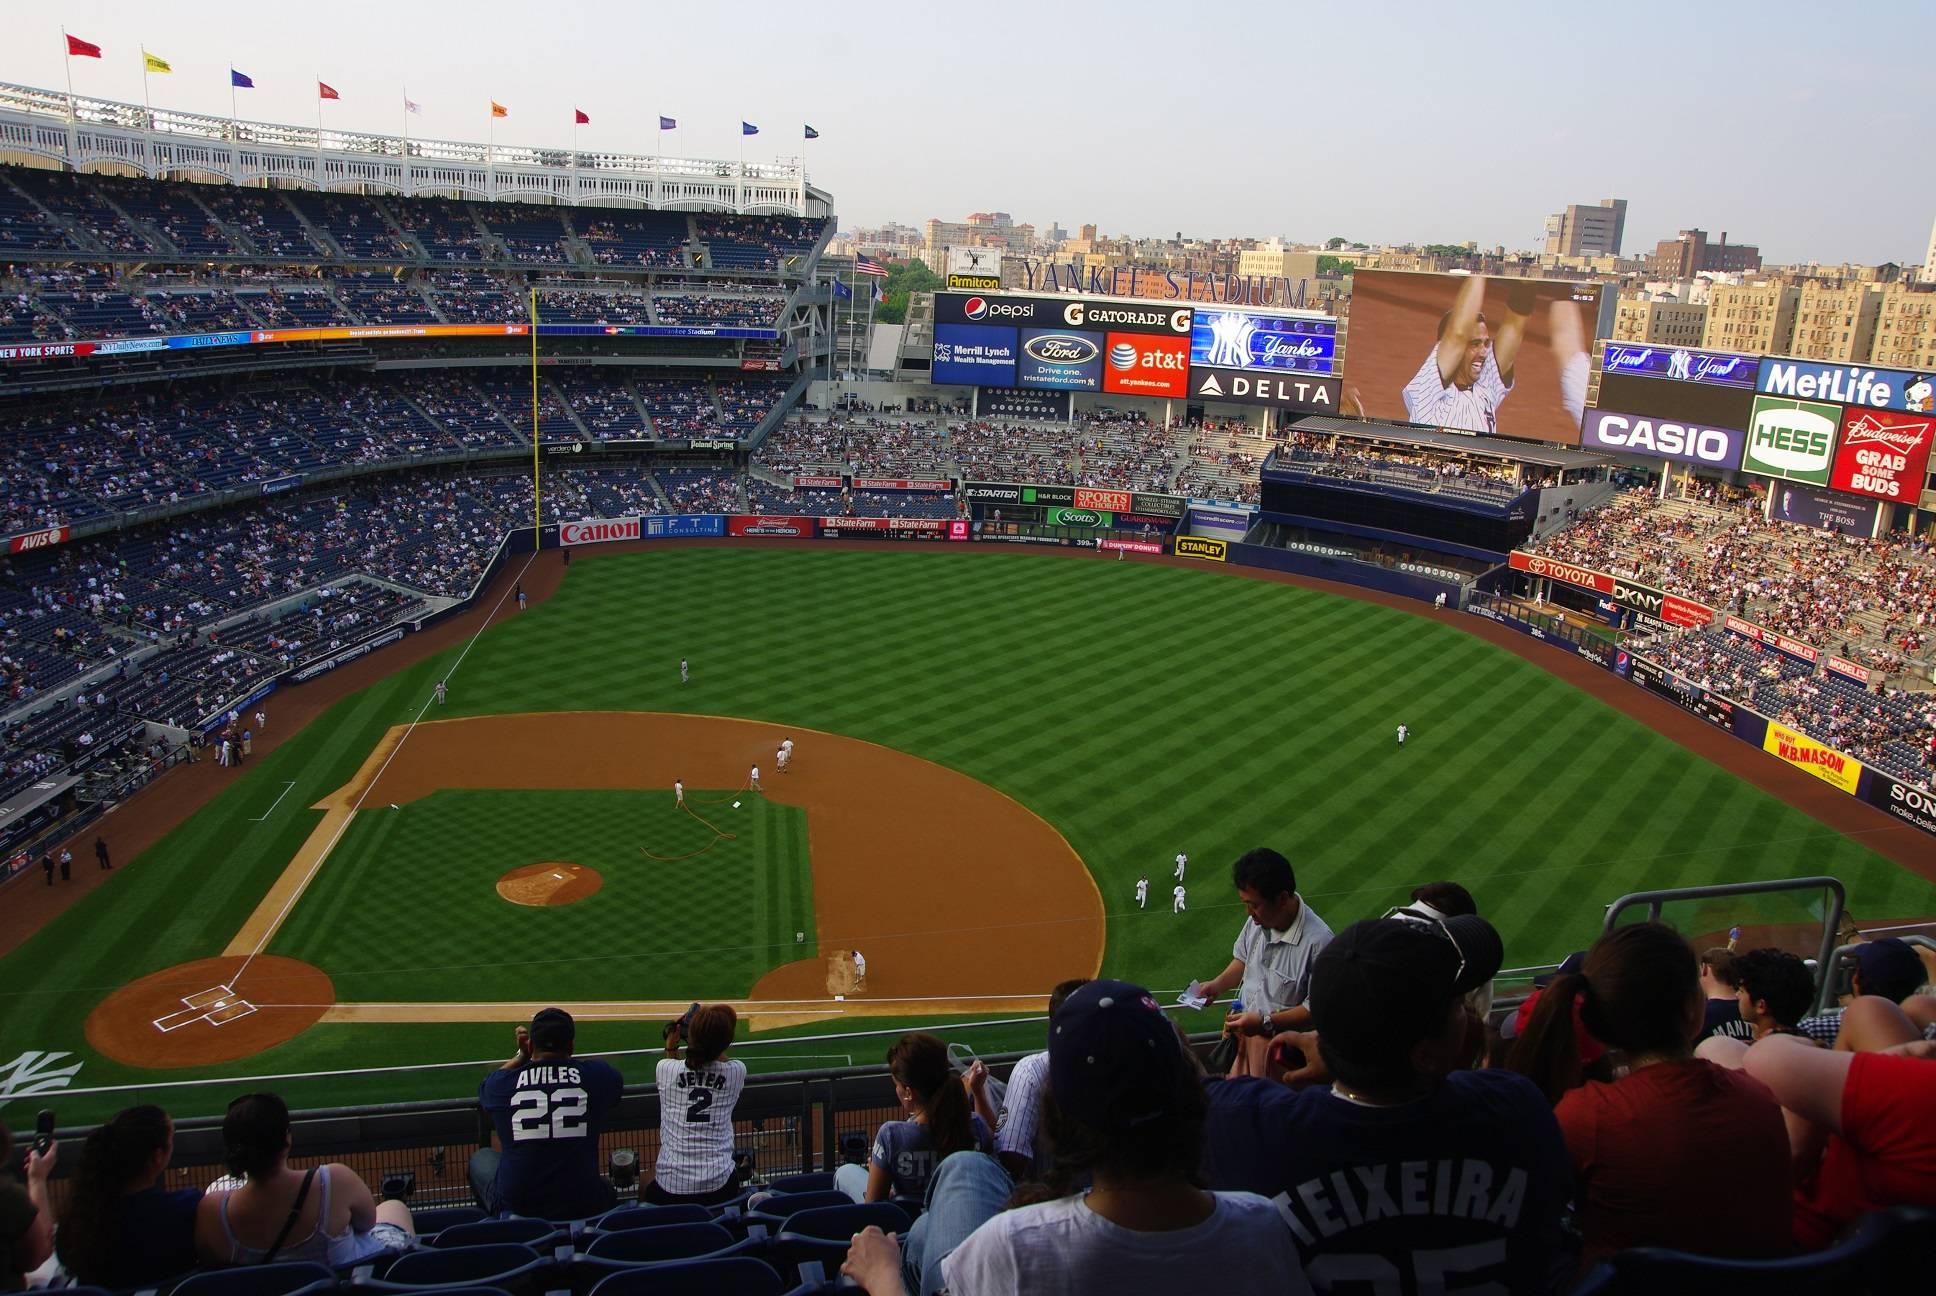 Photo 1: Encourager les Yankees comme un vrai !